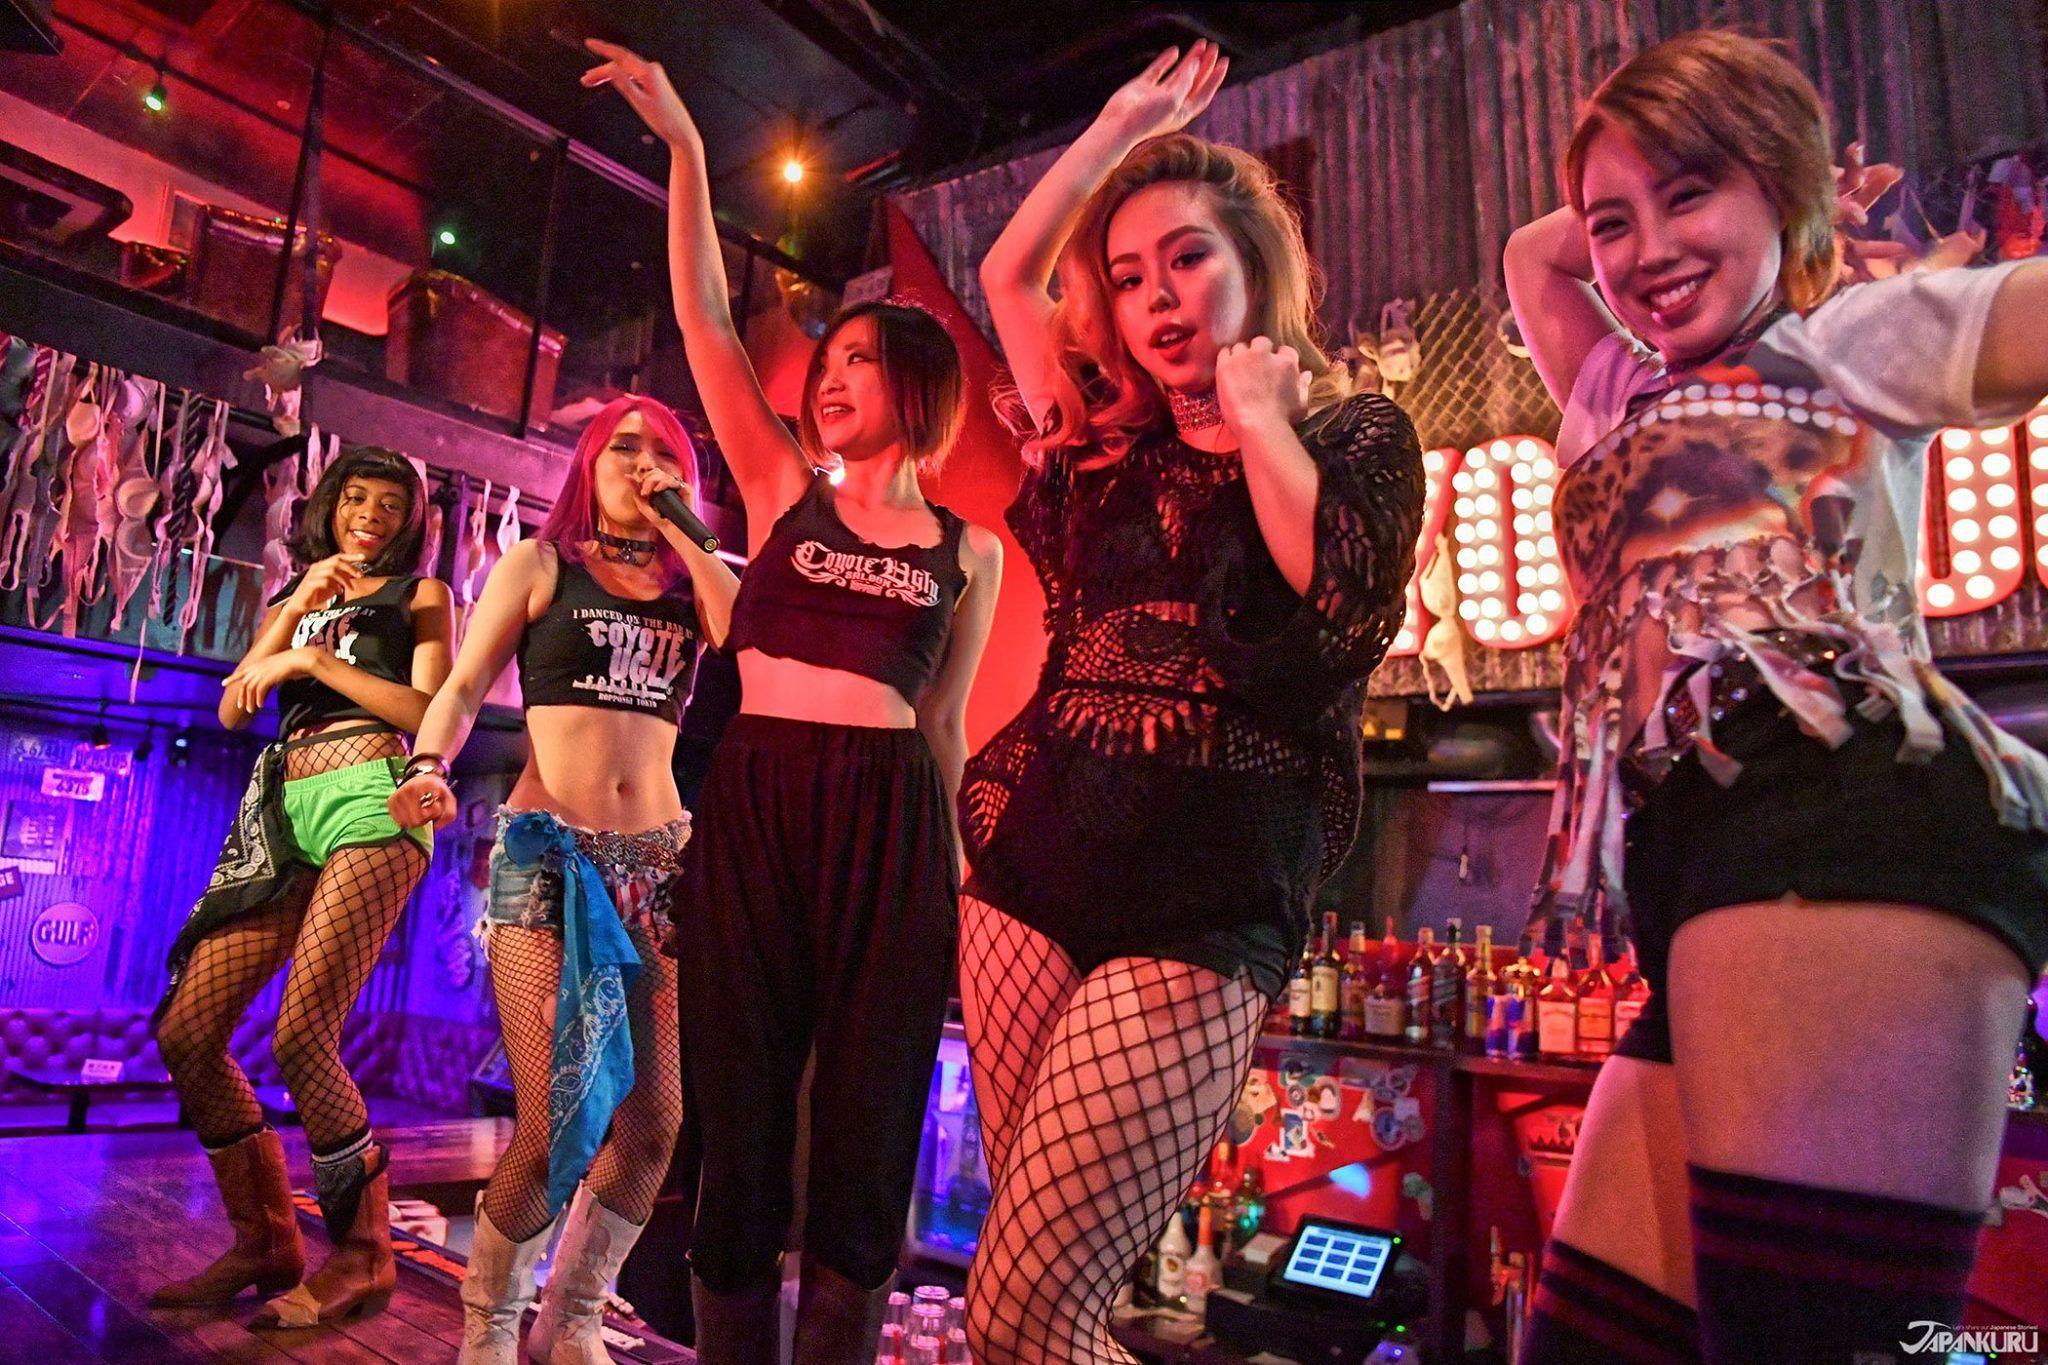 Sexy girls dancing in club